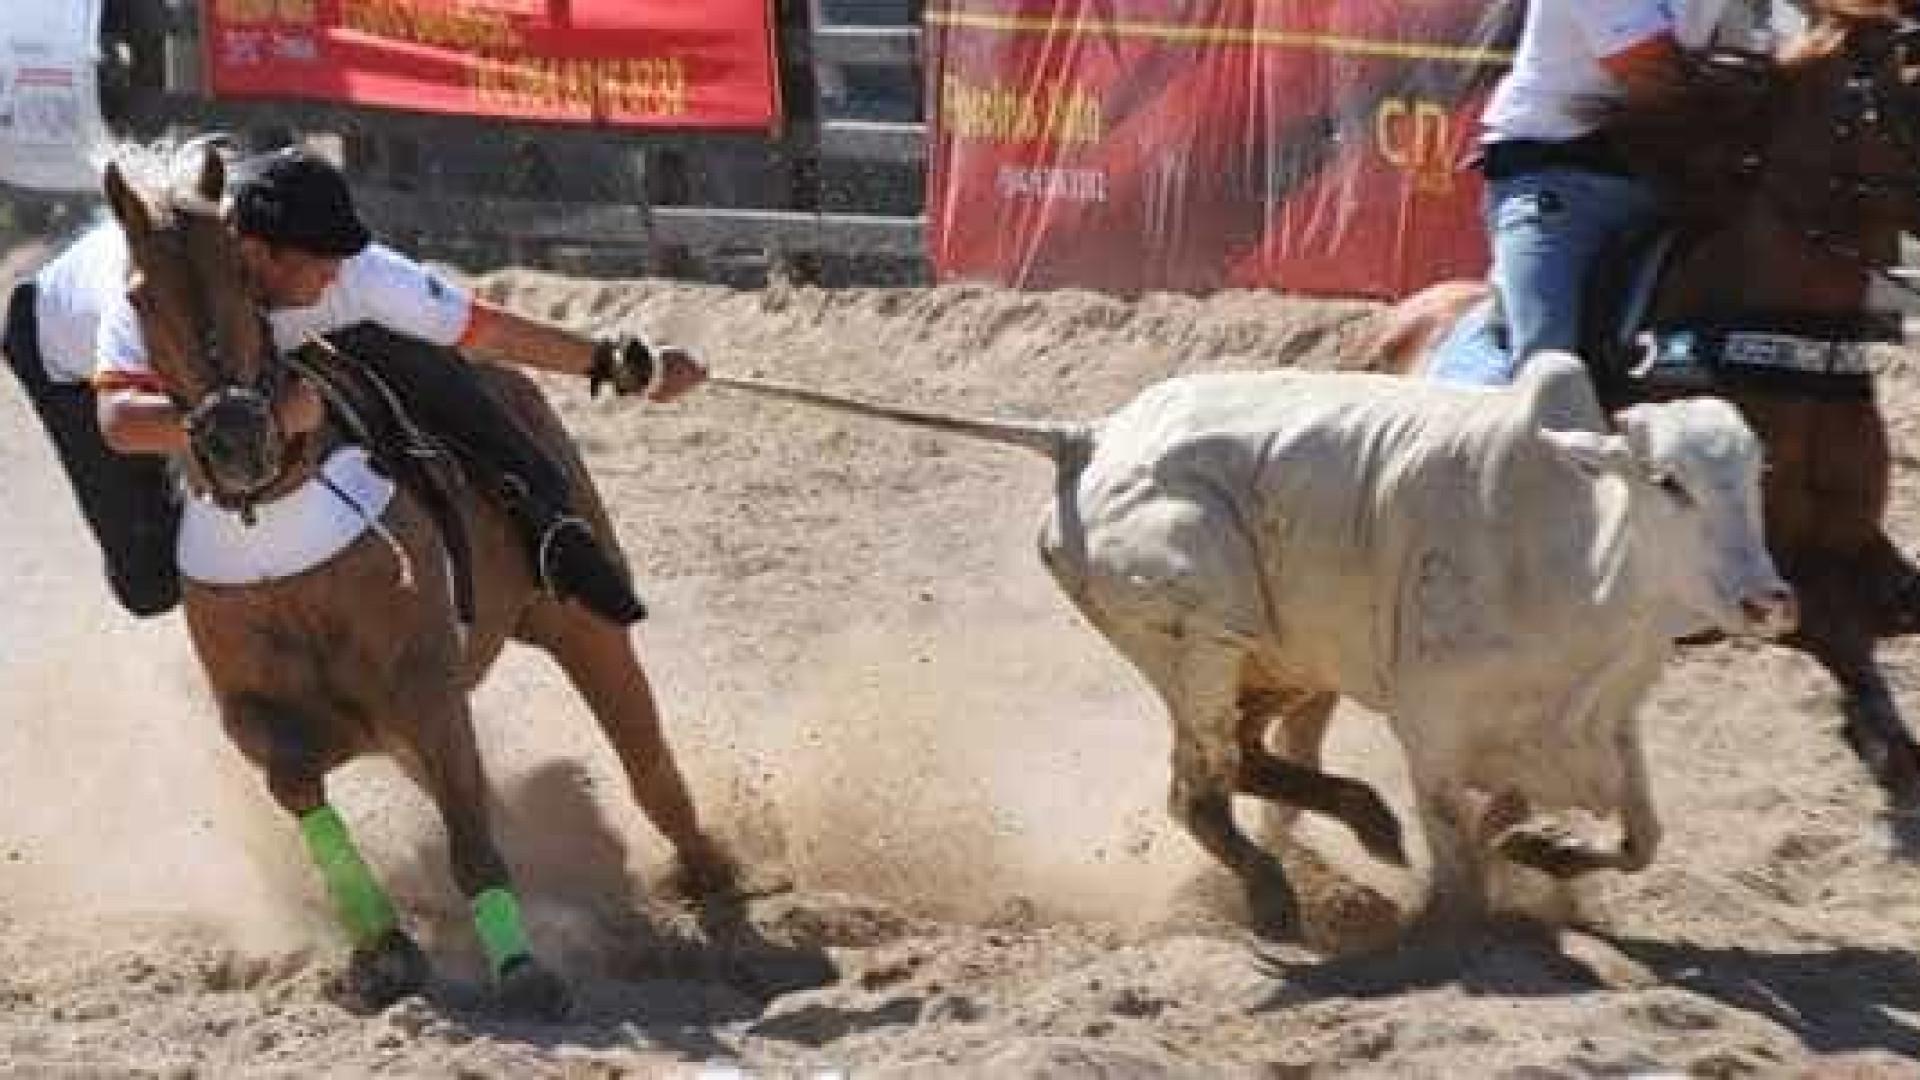 Rodeio de Barretos busca 'padrão Fifa' e celebra PEC da vaquejada